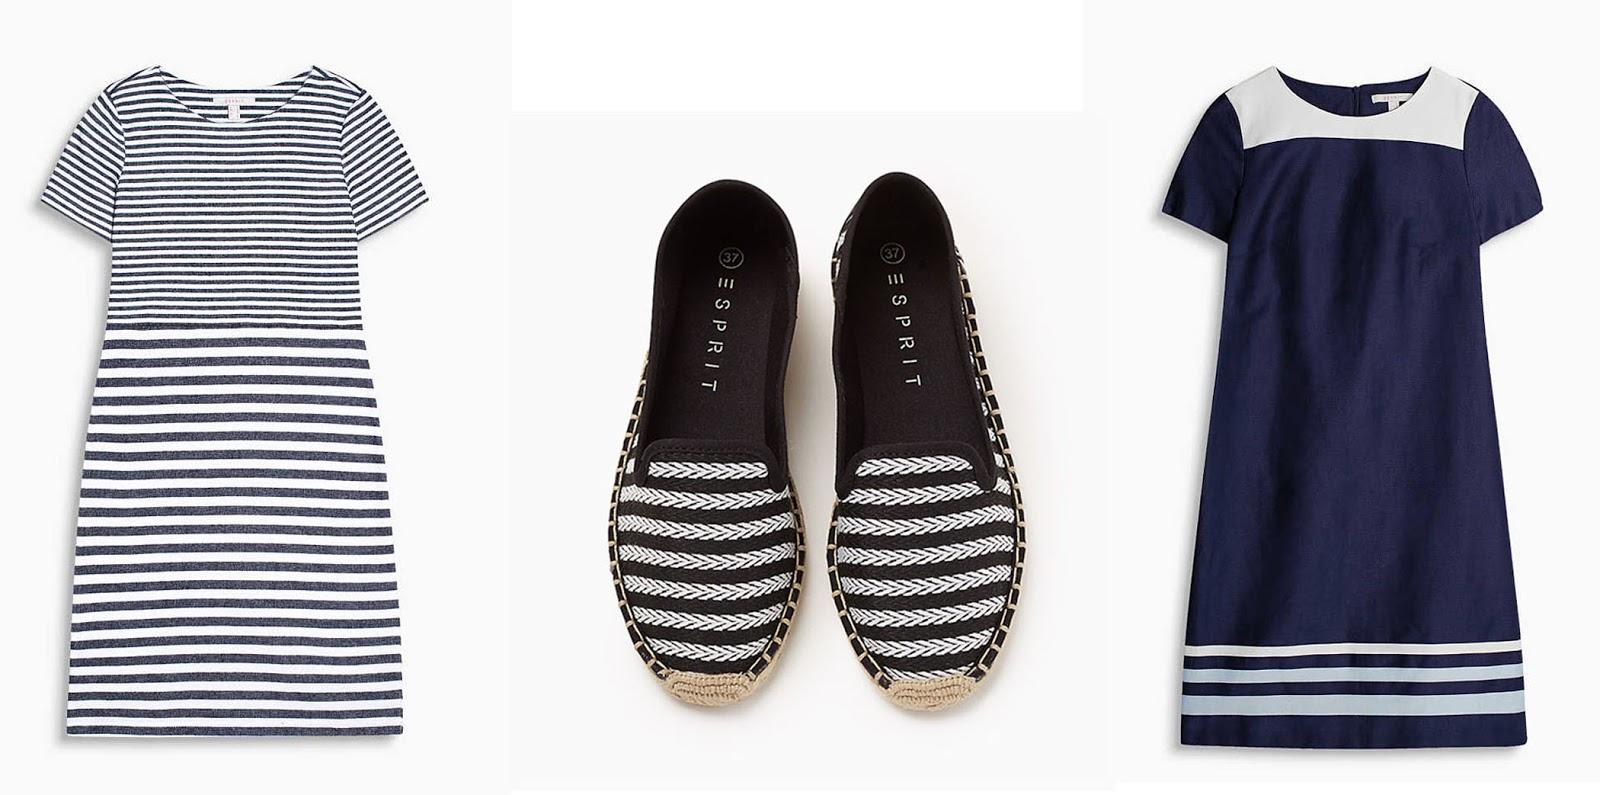 Creare un outfit in stile marinary - Eniwhere Fashion consiglia